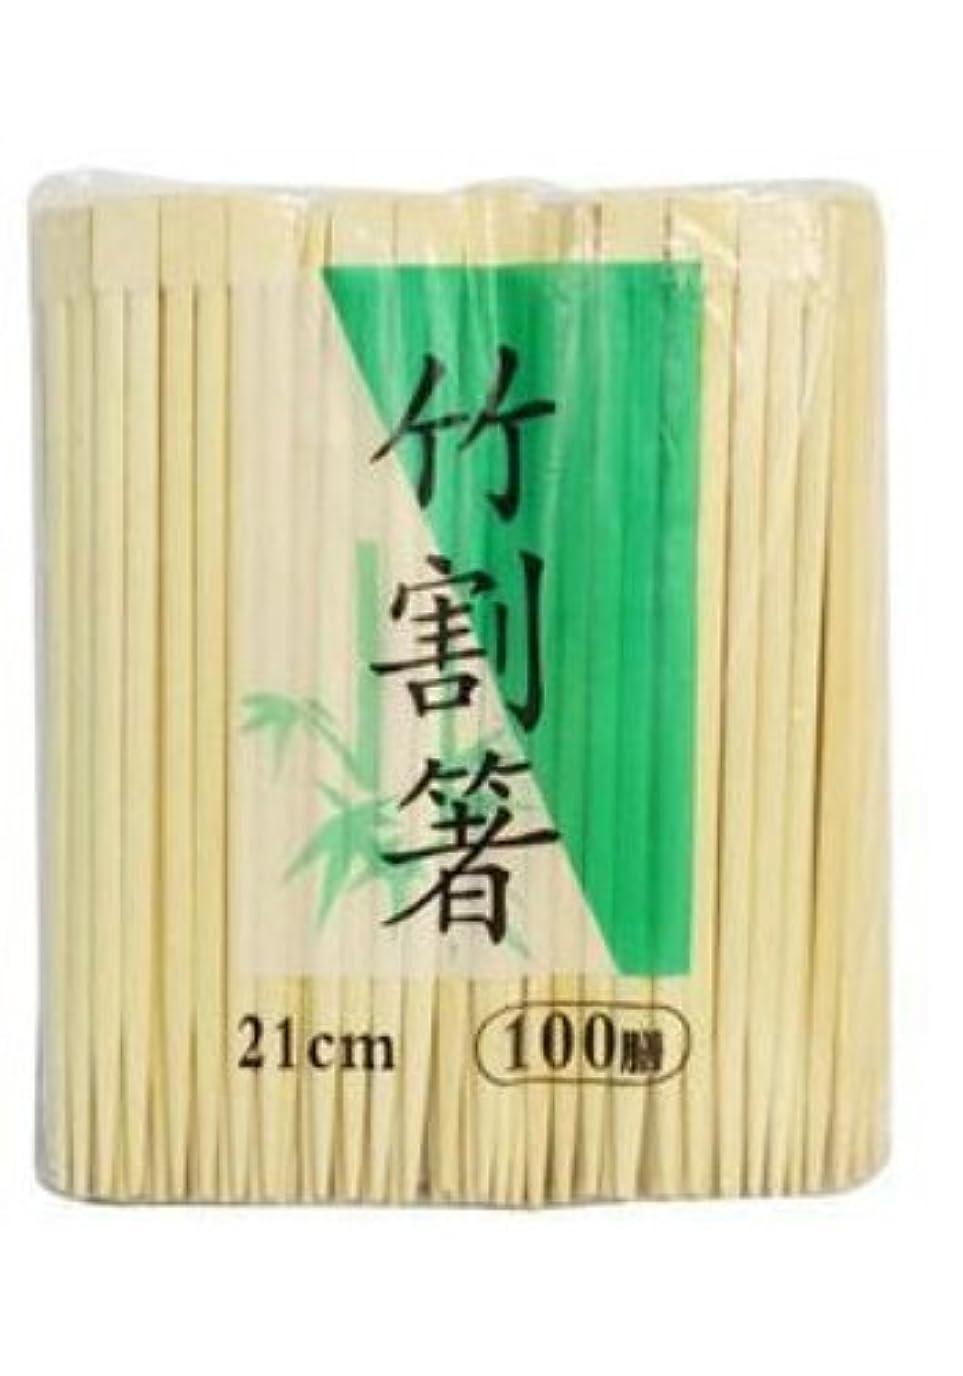 香港花盗難CHO竹割箸 21cm (裸) 100膳